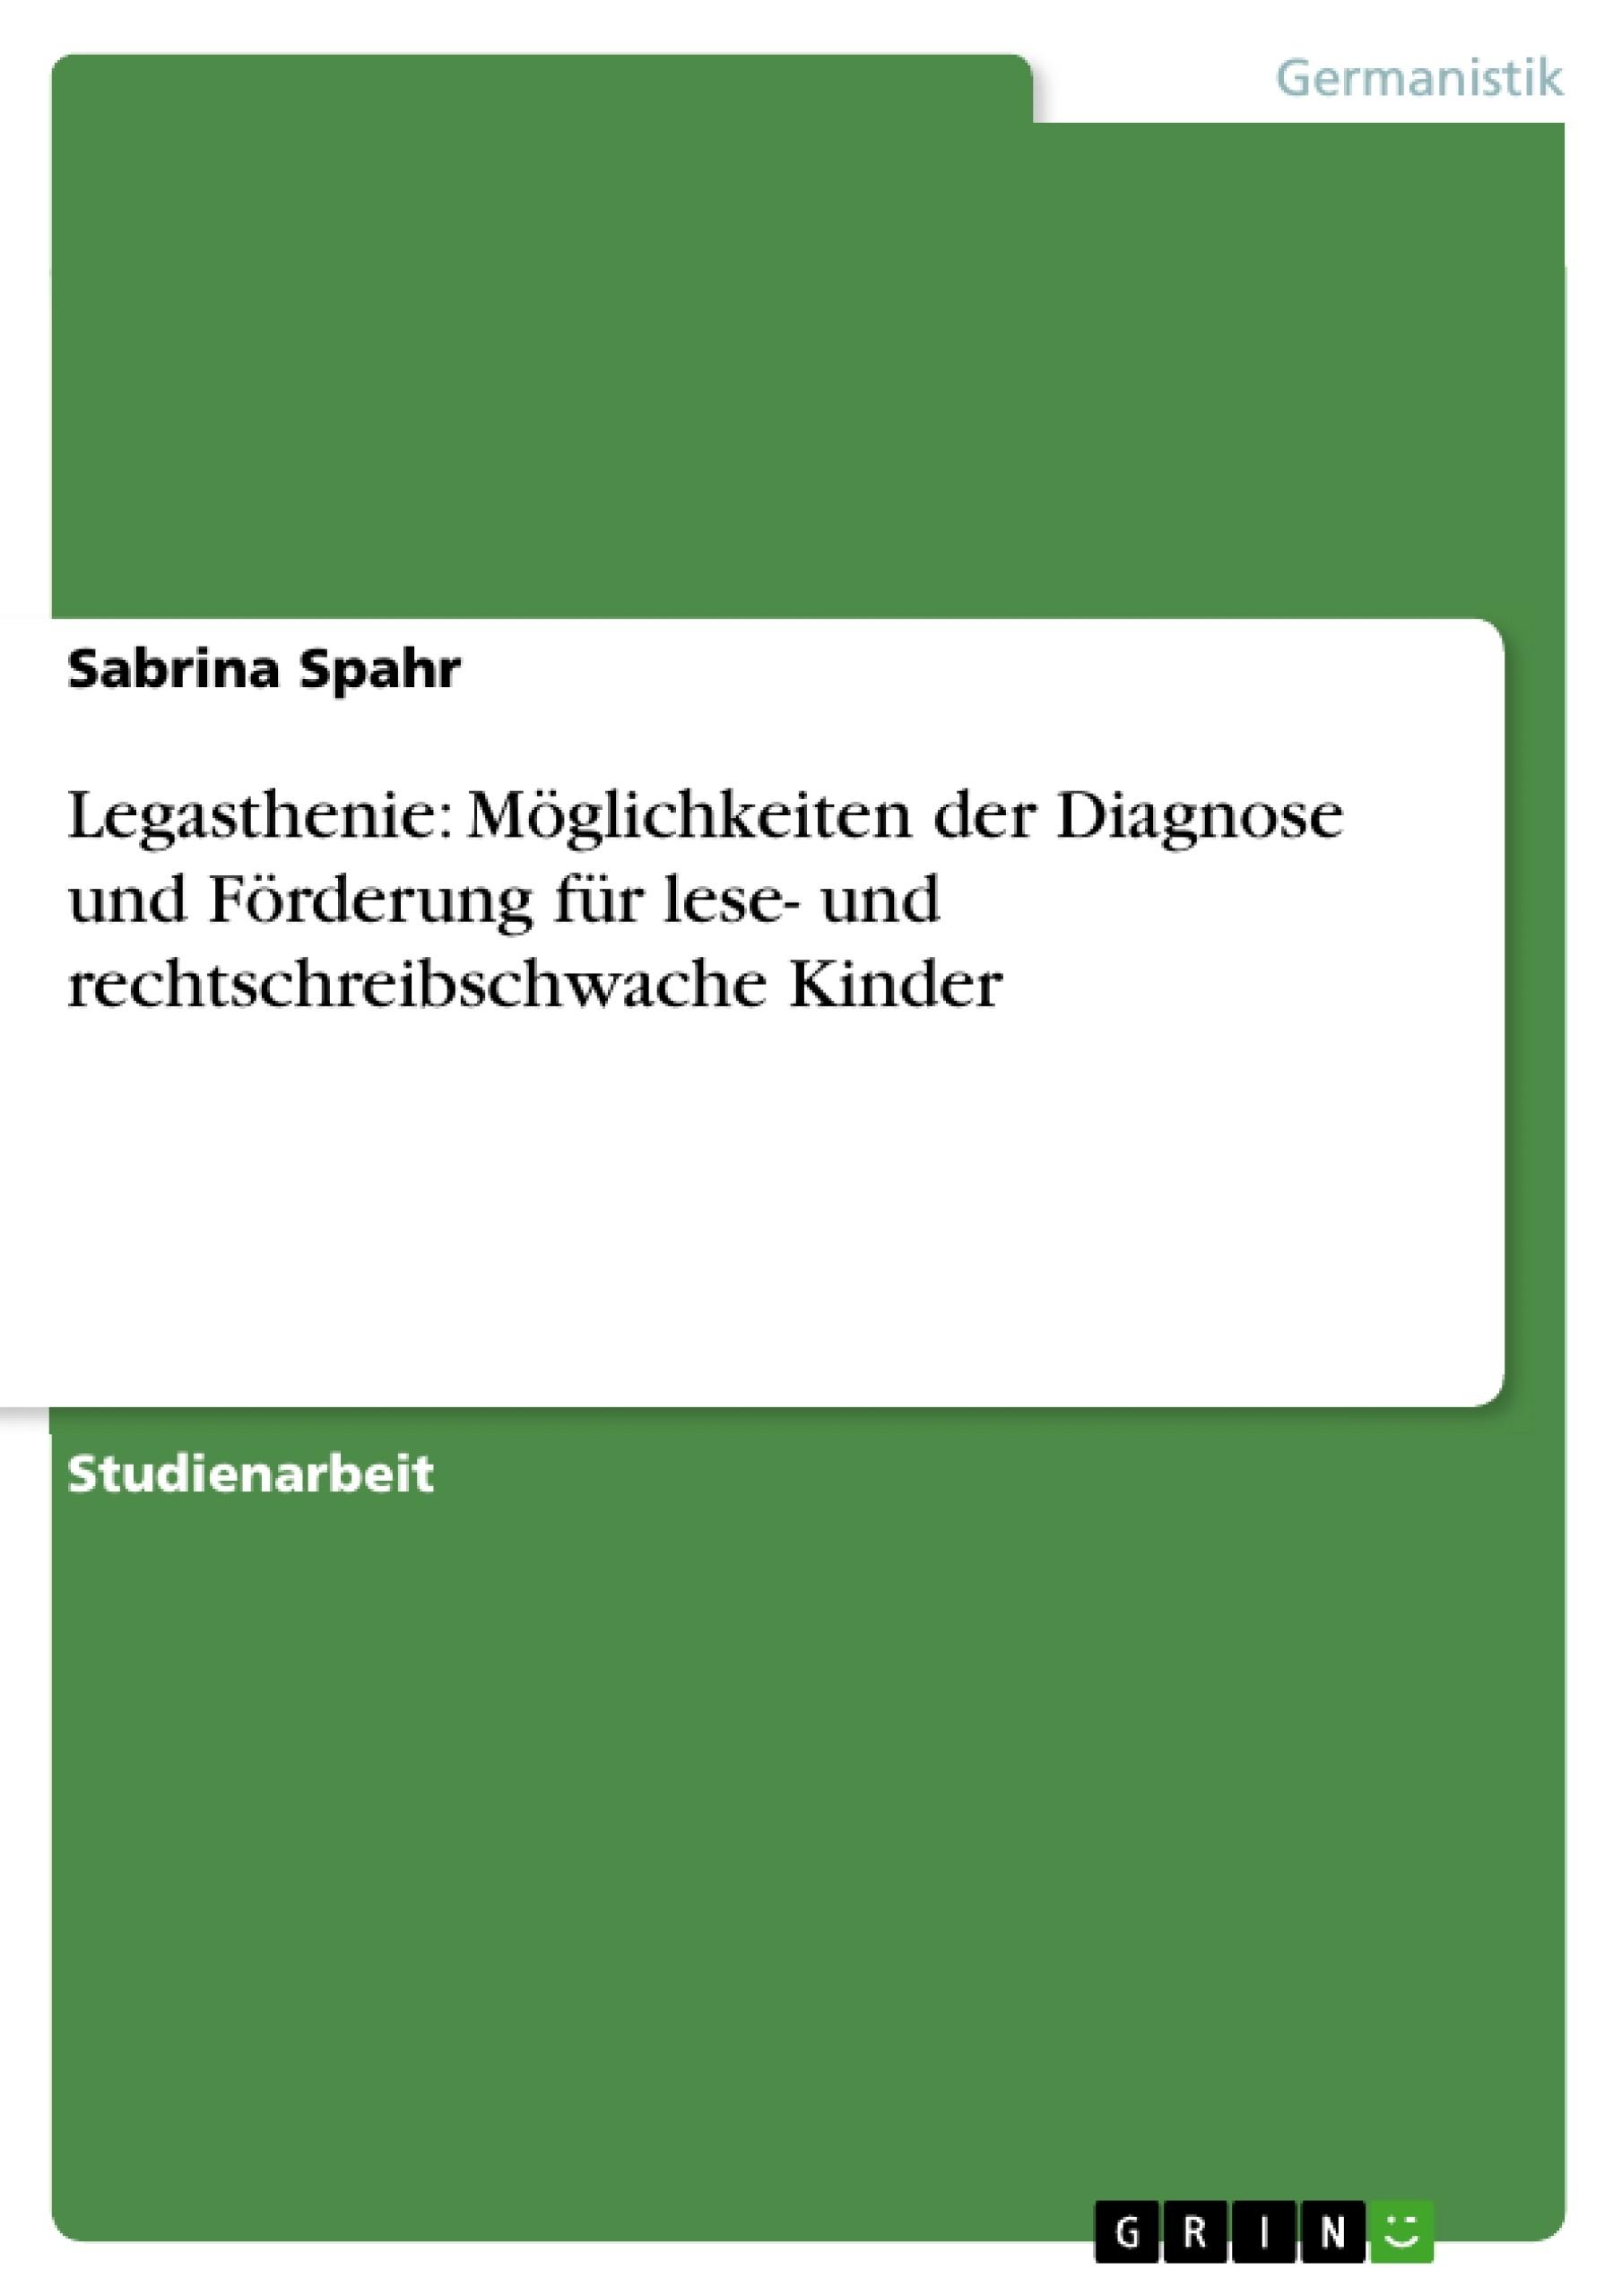 Titel: Legasthenie: Möglichkeiten der Diagnose und Förderung für lese- und rechtschreibschwache Kinder